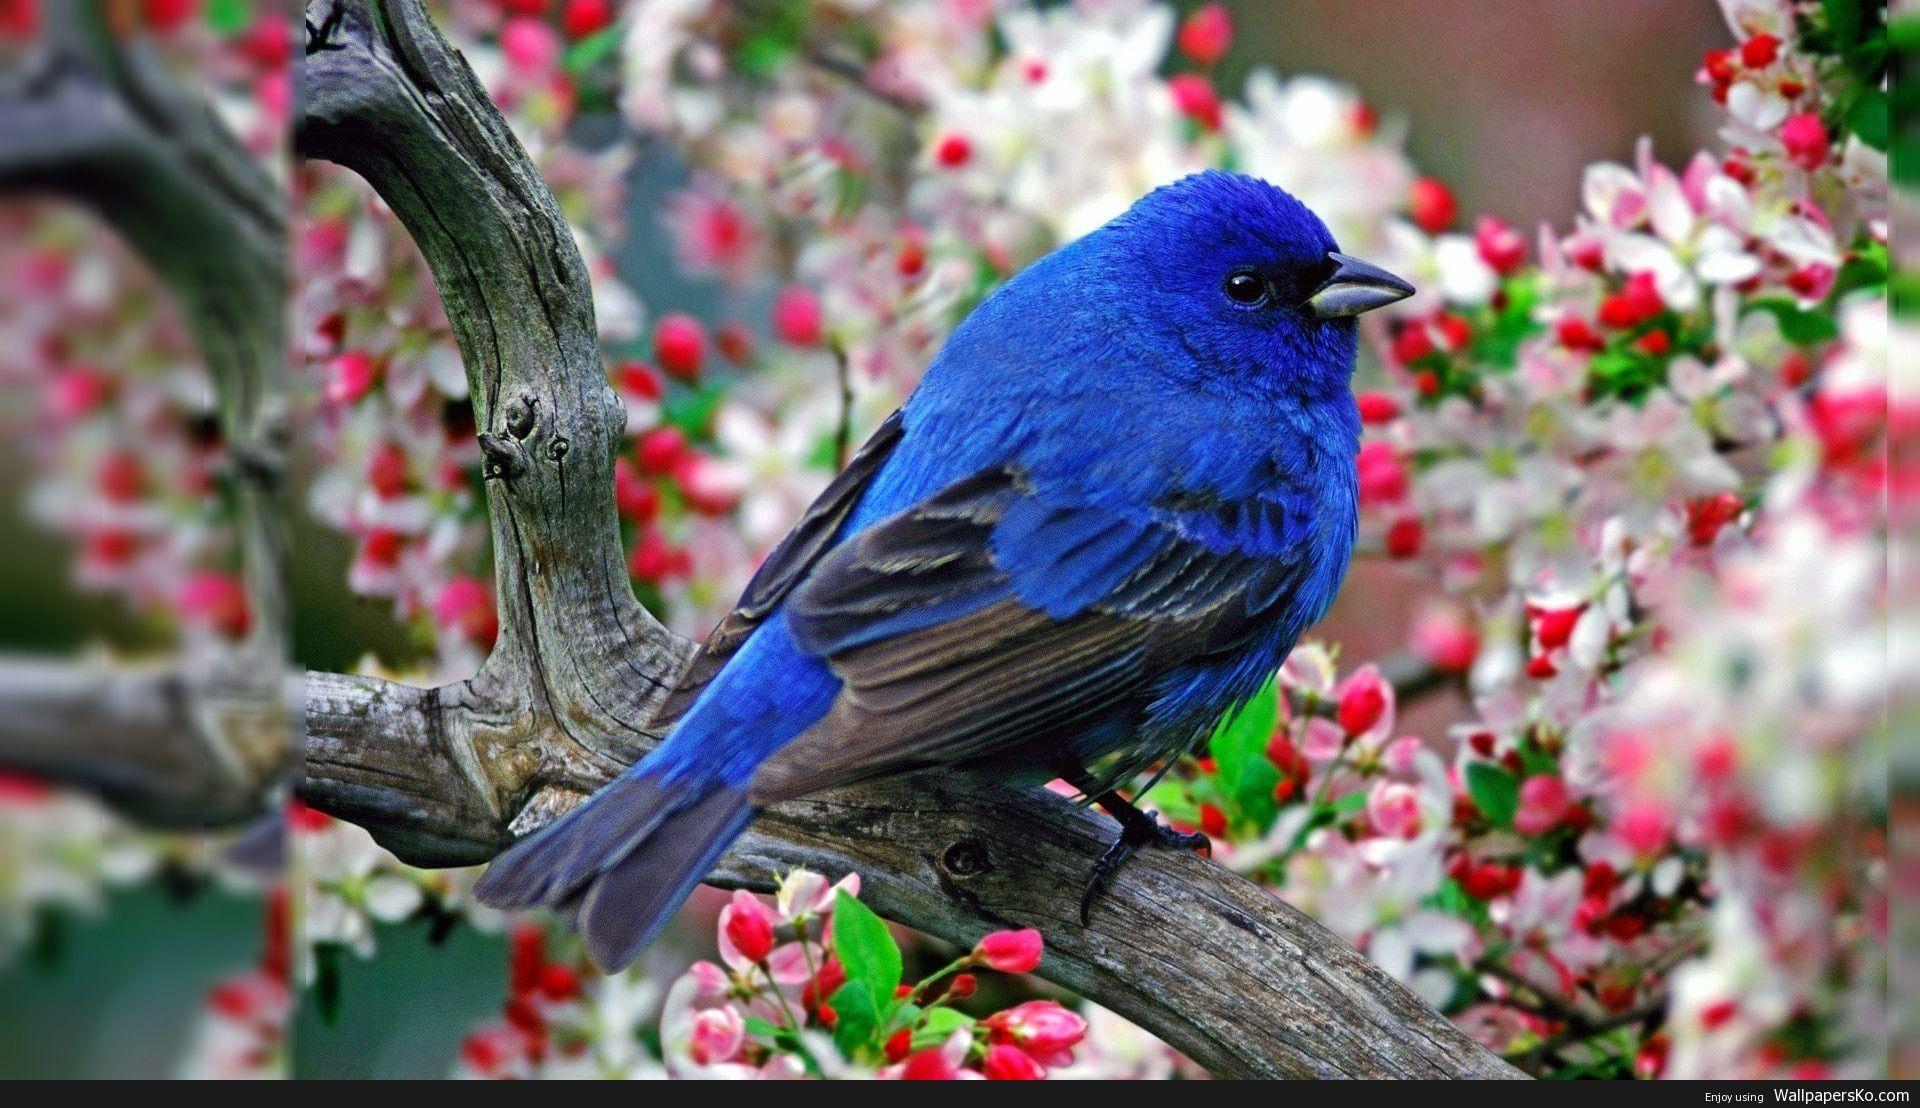 Desktop Background Birds Http Wallpapersko Com Desktop Background Birds Html Hd Wa Beautiful Bird Wallpaper Birds Wallpaper Hd Animal Photography Wildlife